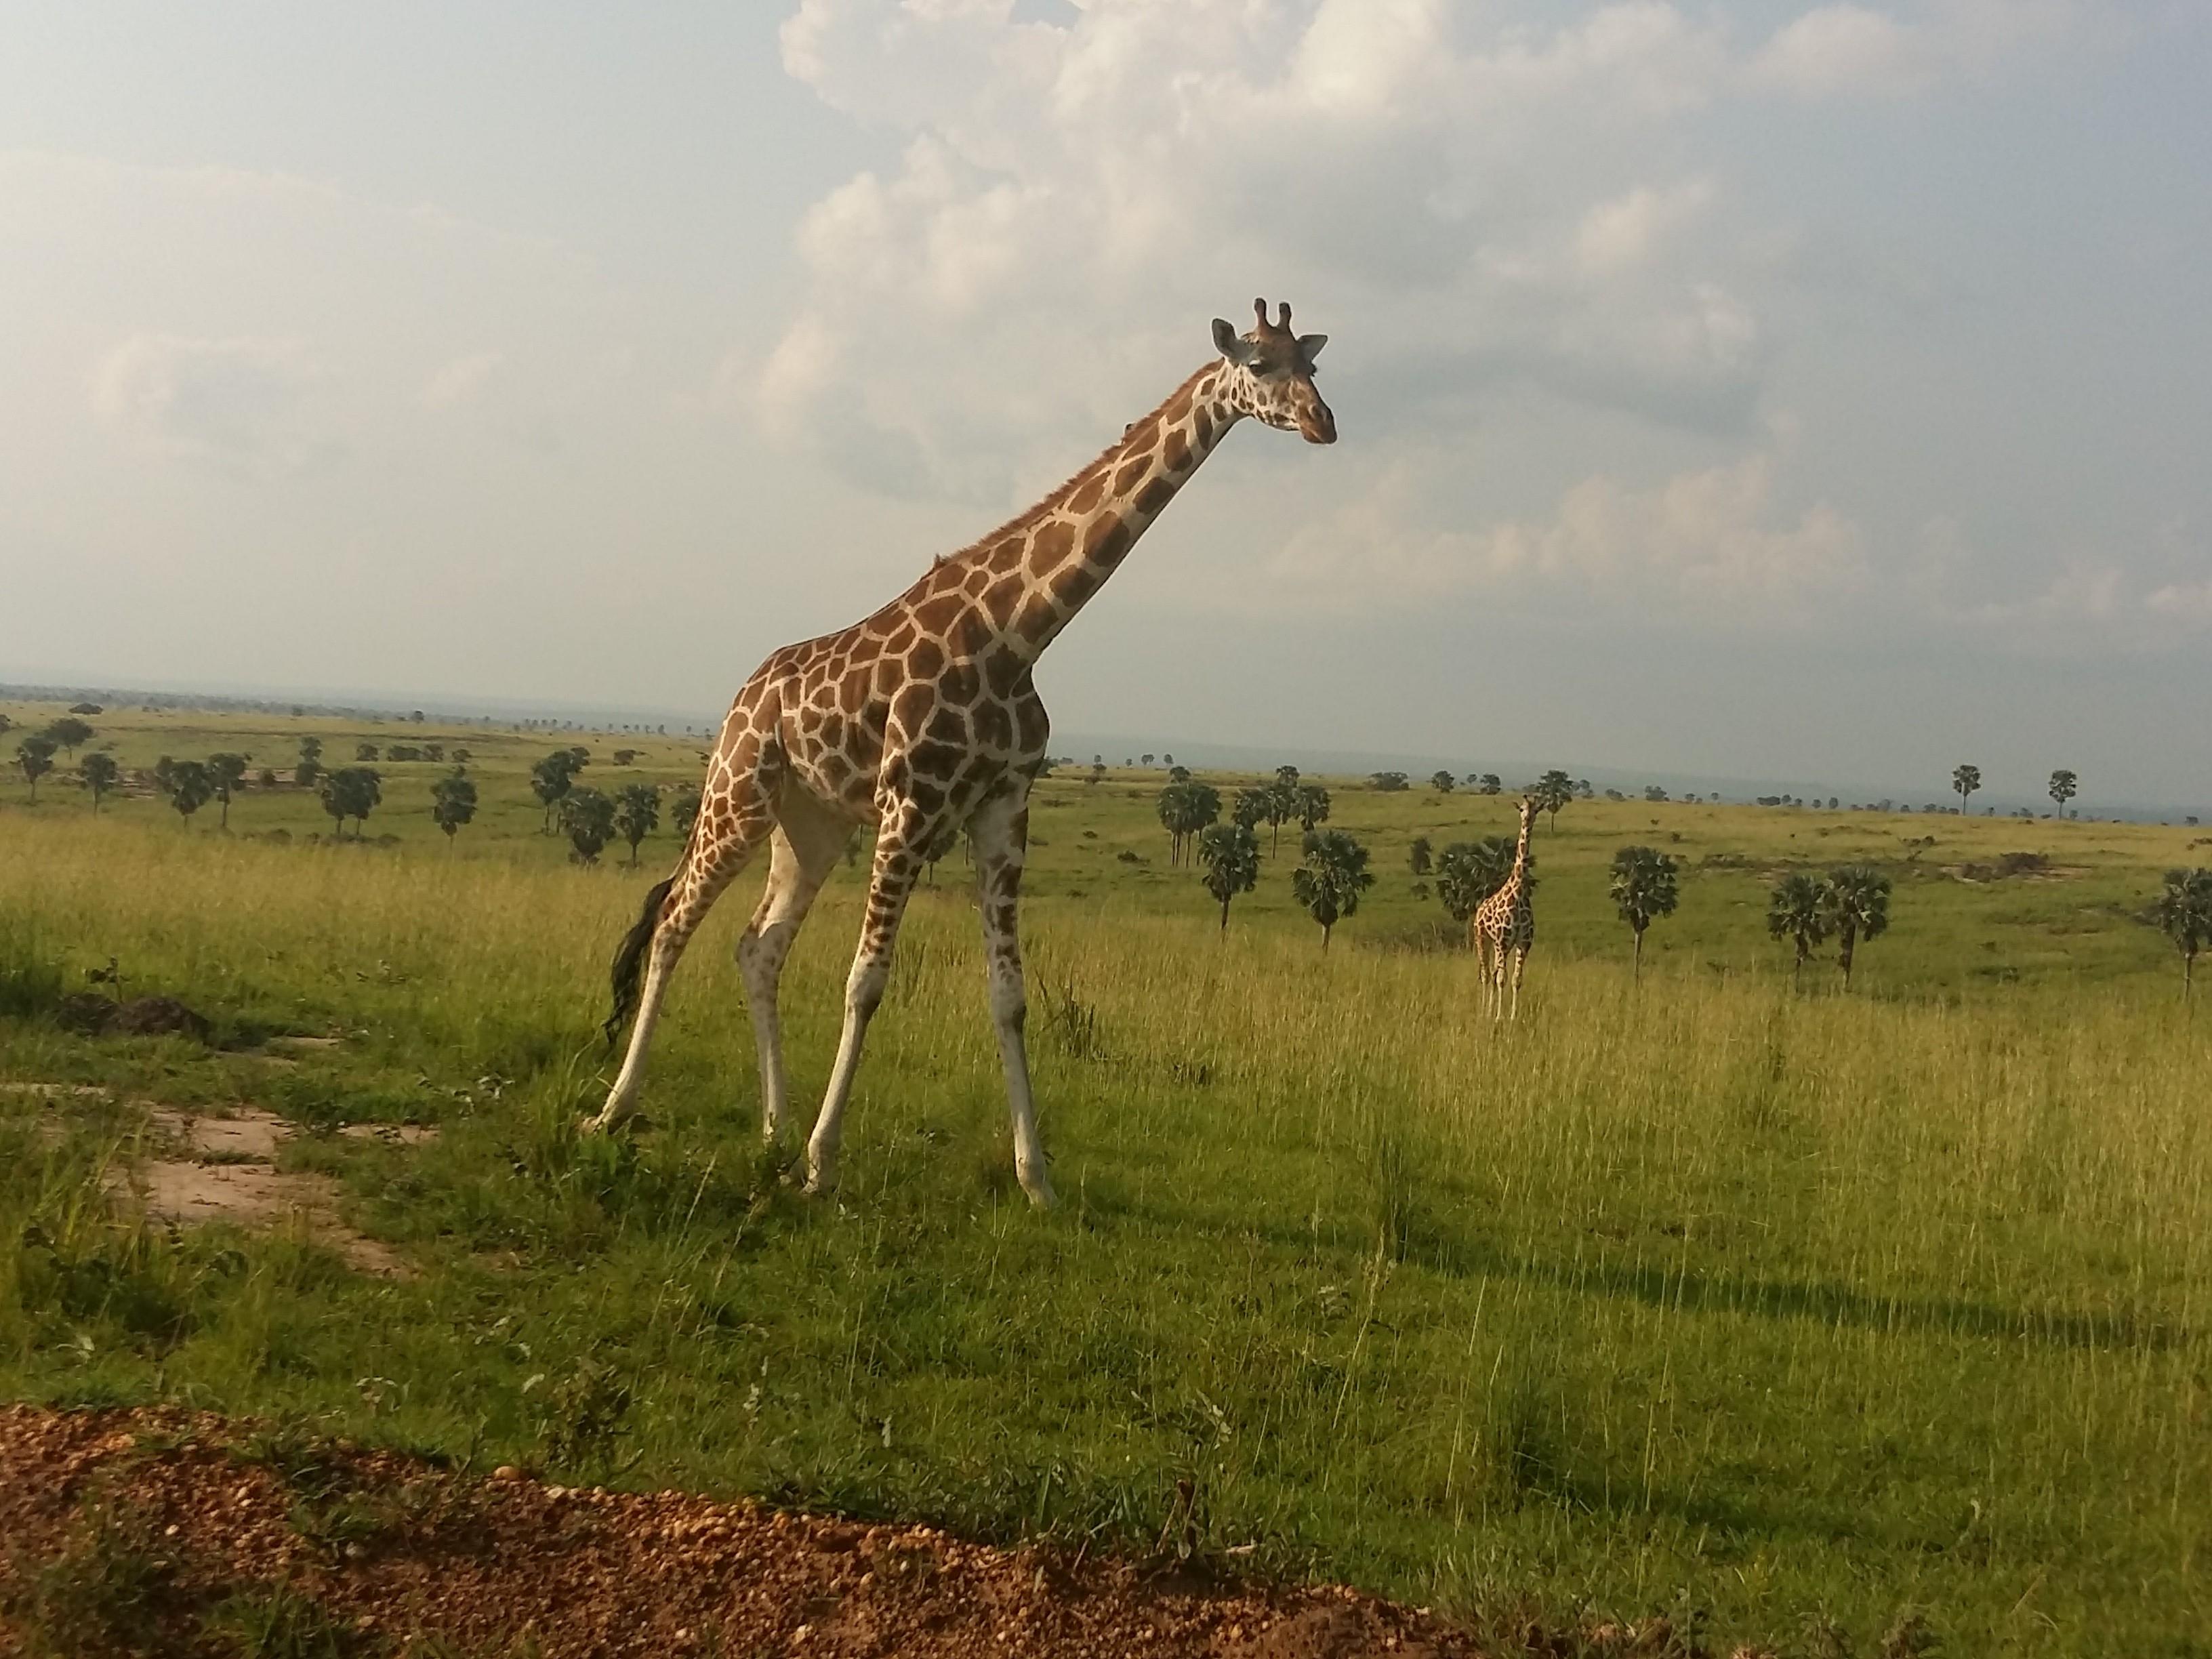 Giraffa in Uganda